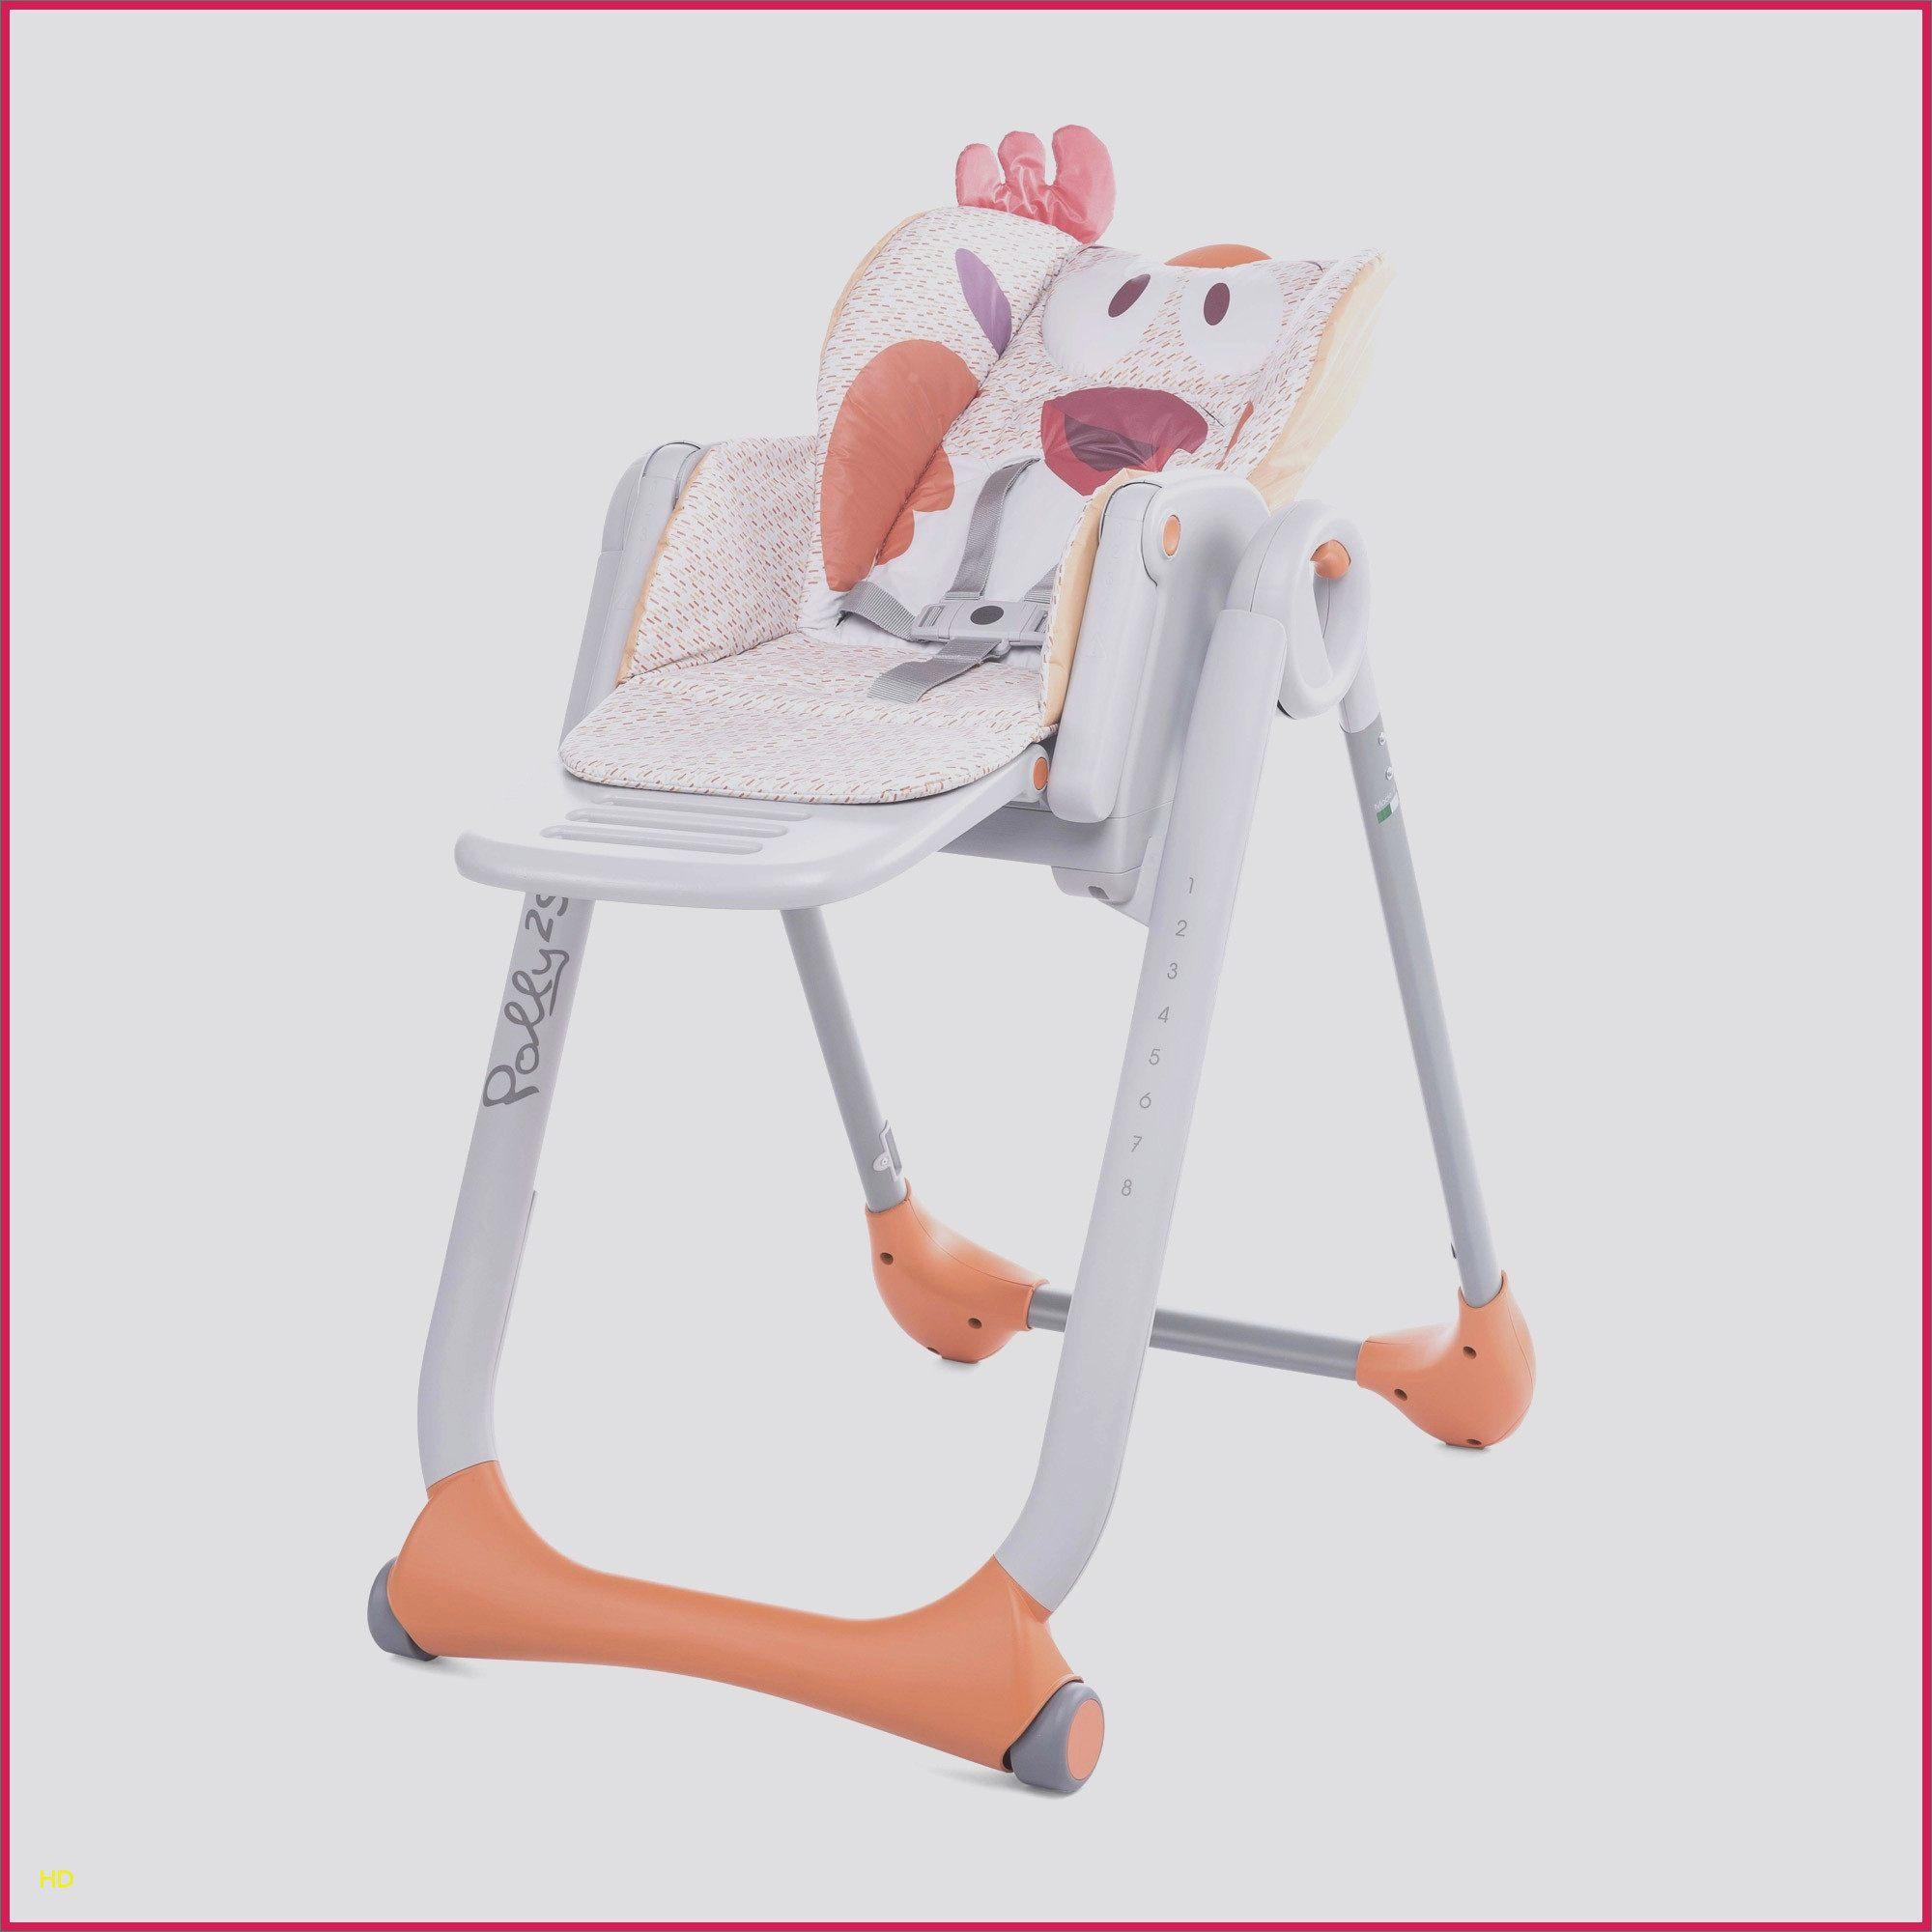 Lit Bébé Combelle Agréable 23 Elegant Table Et Chaise Pour Bébé Pics